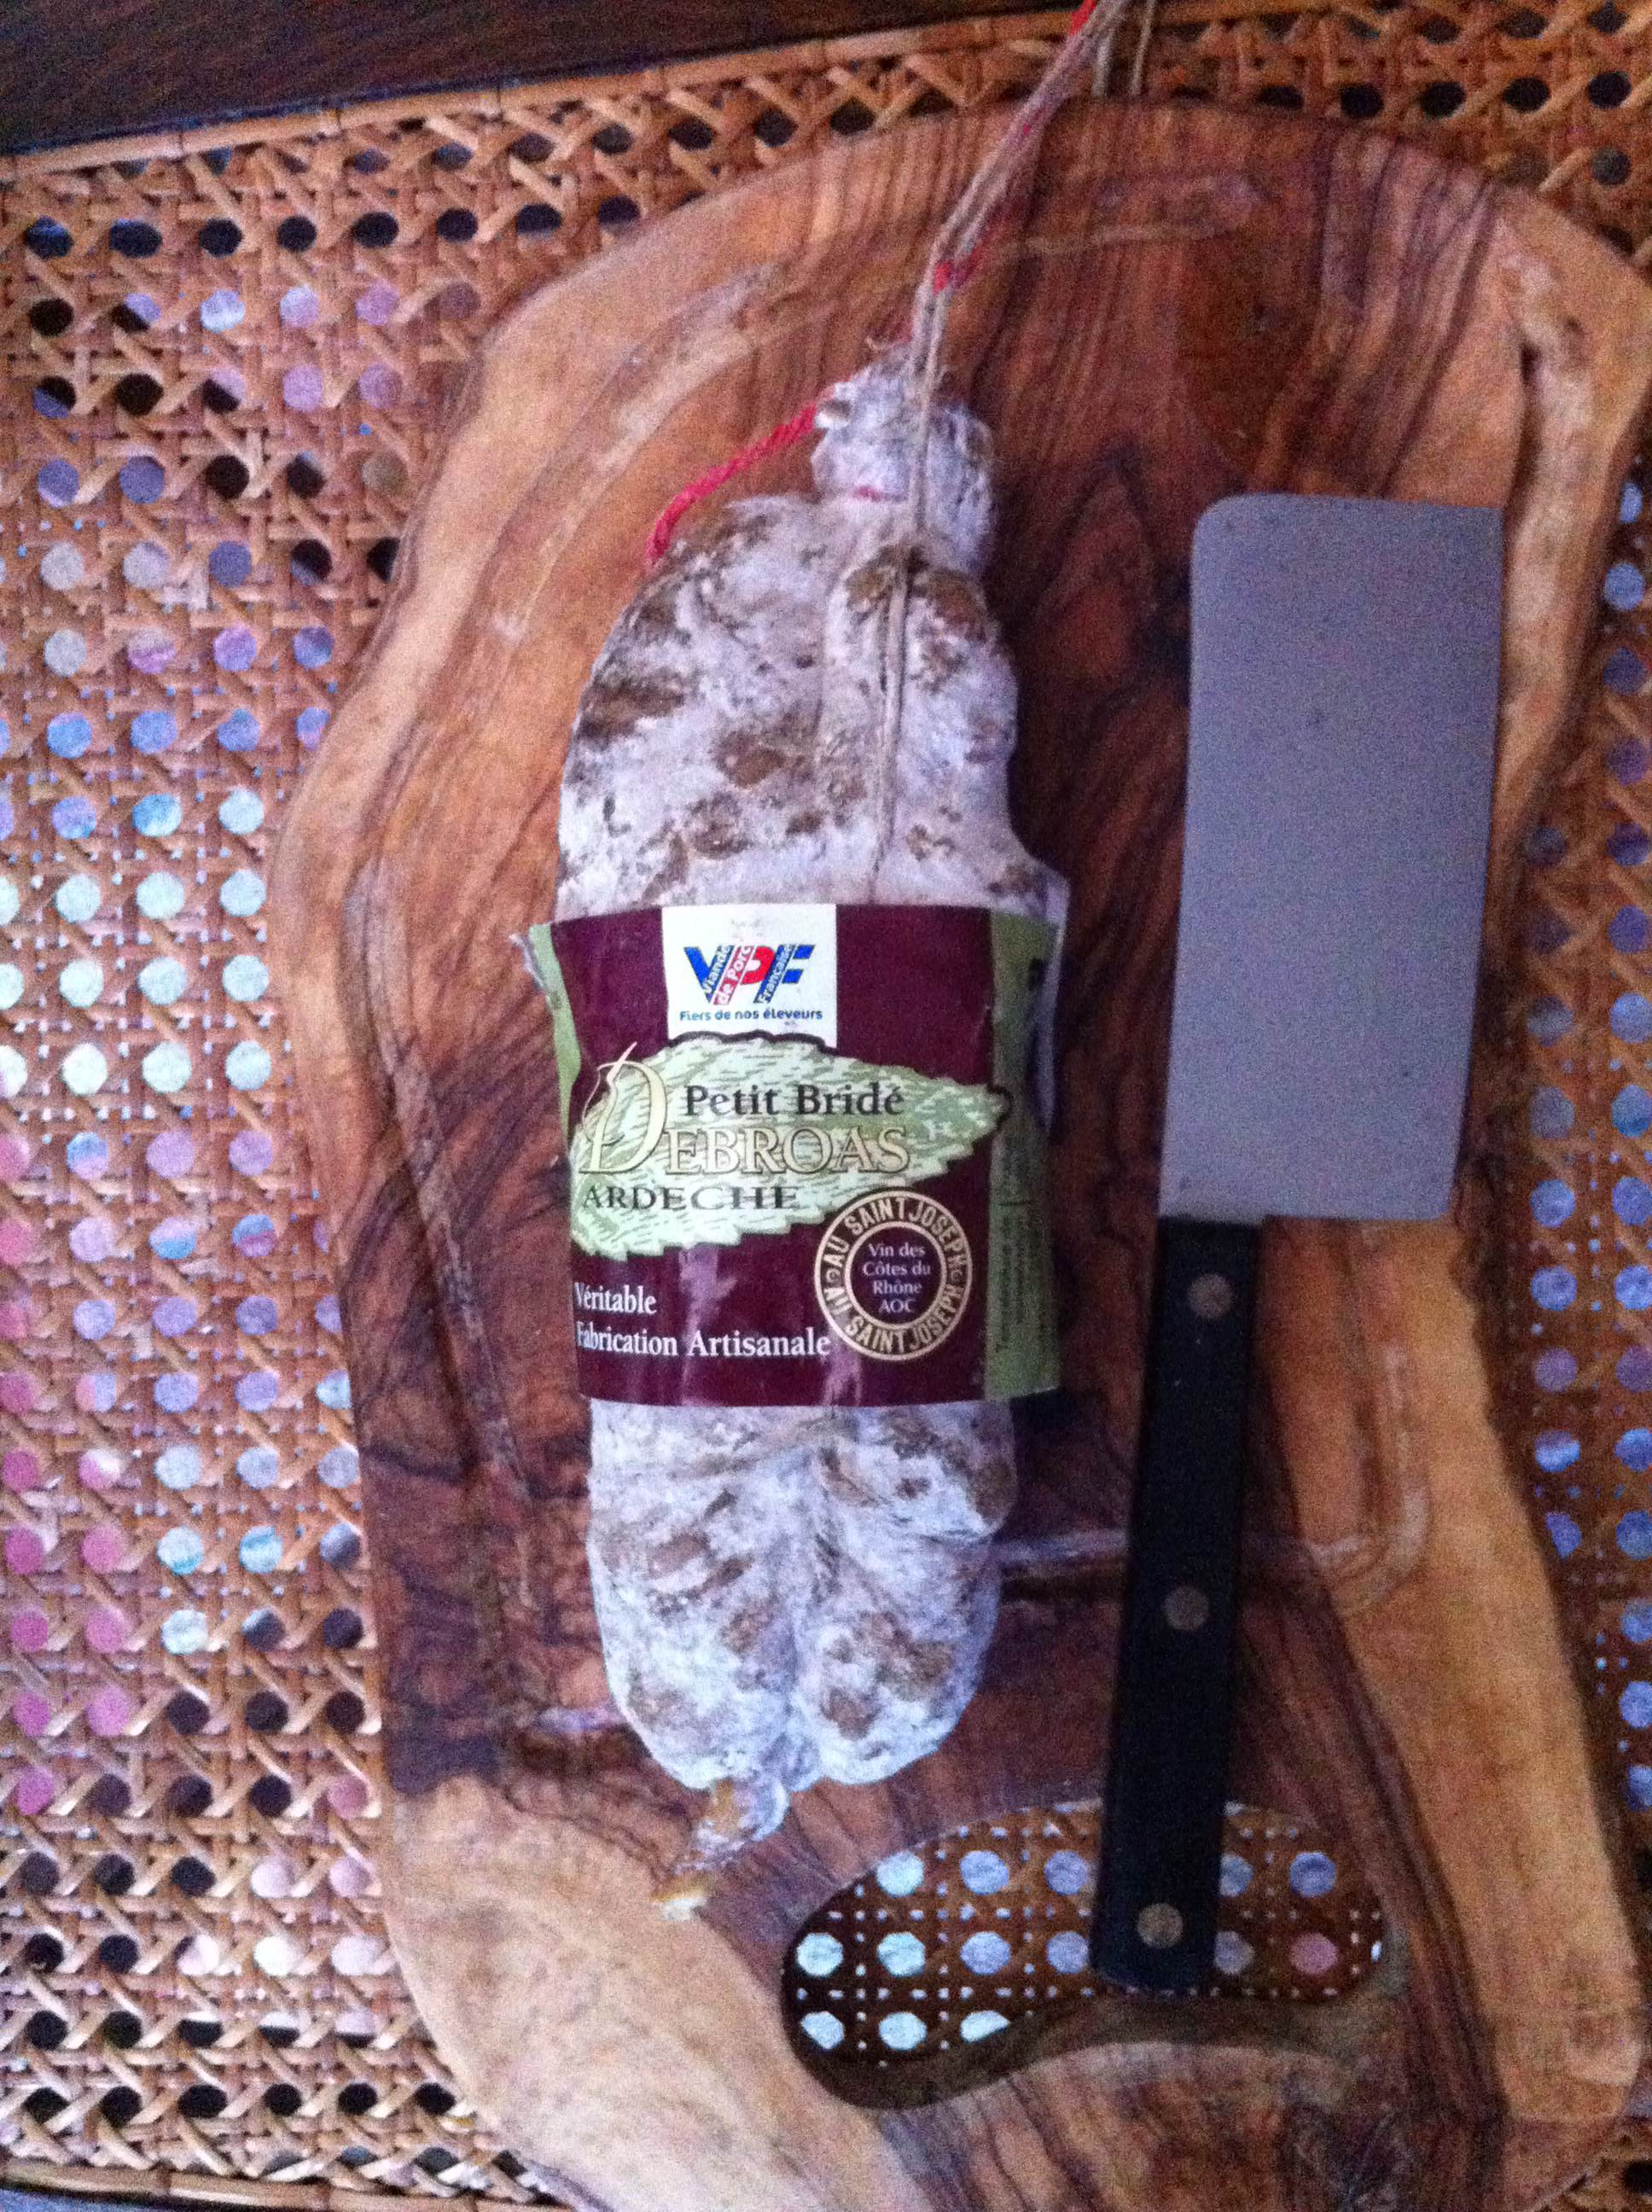 Saucisson petit bridé d'Ardèche Sauss de Terroirs